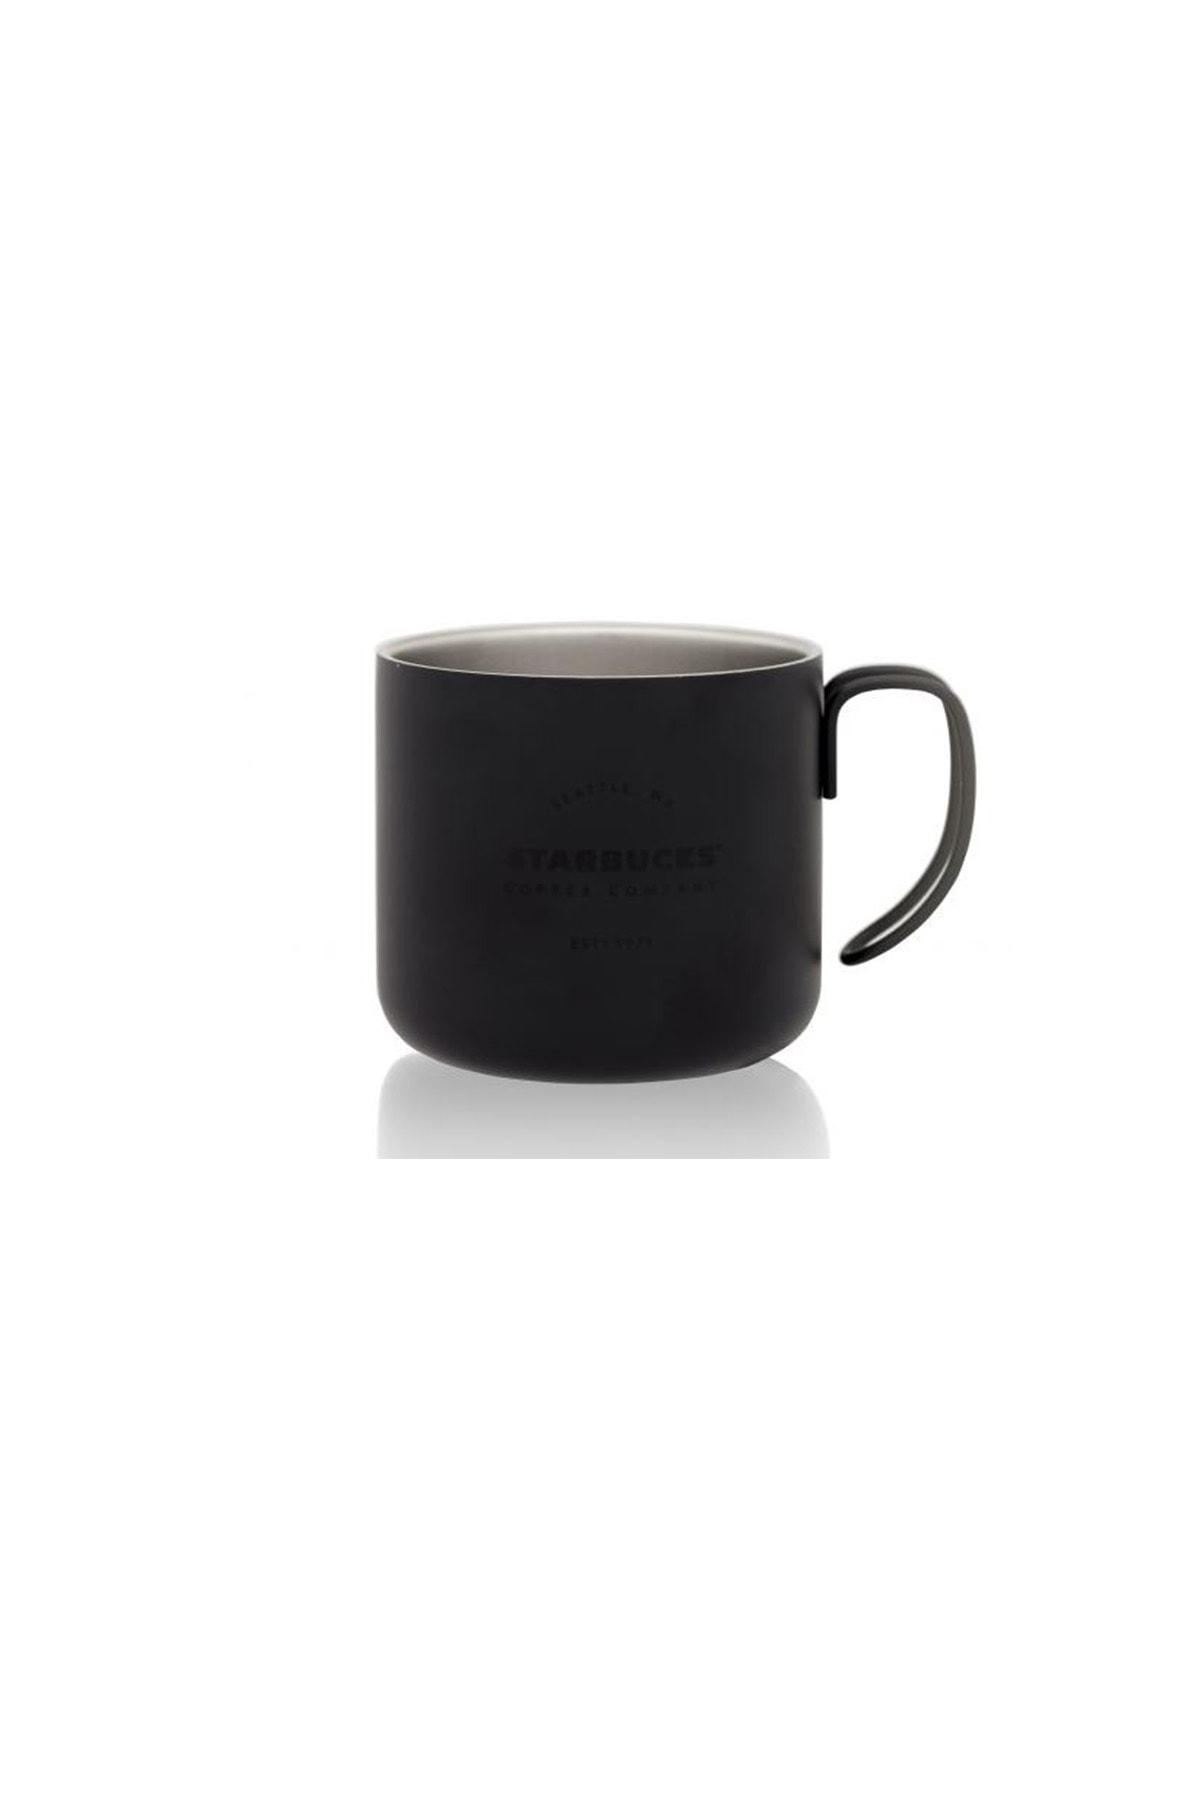 Starbucks Siyah Metal Bardak Kupa Mug 1